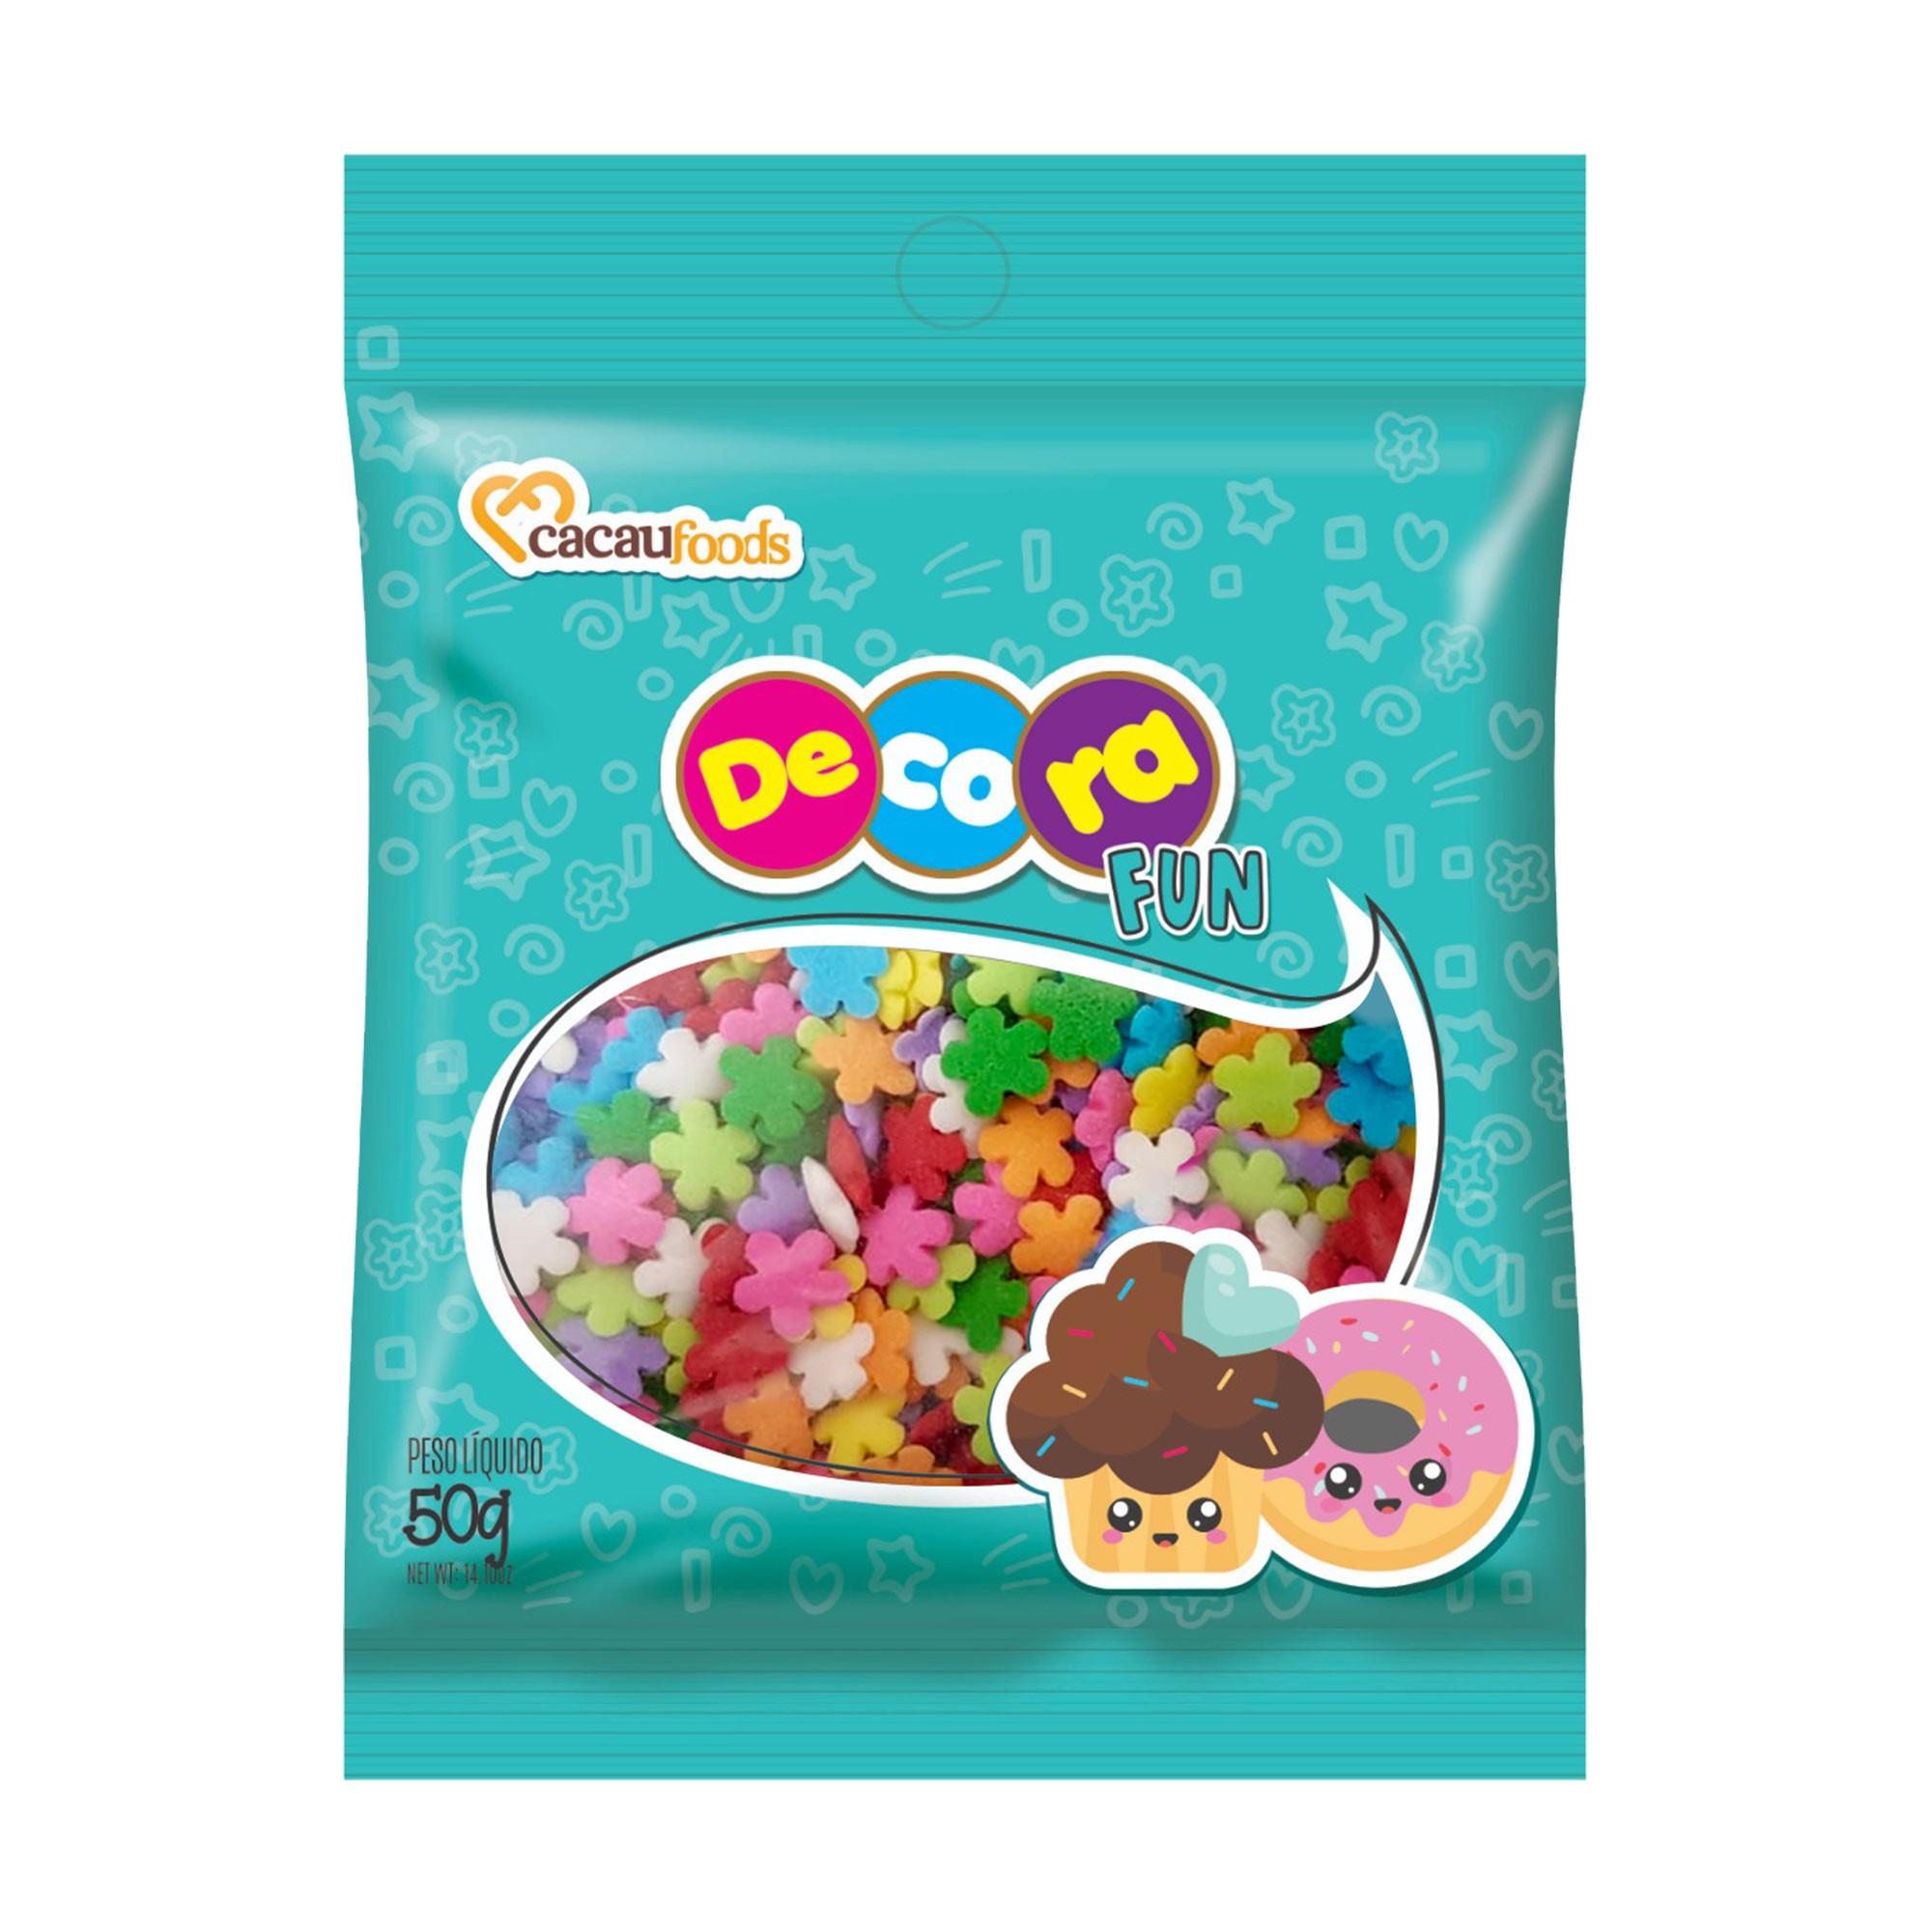 Decora Fun Flowers 50g